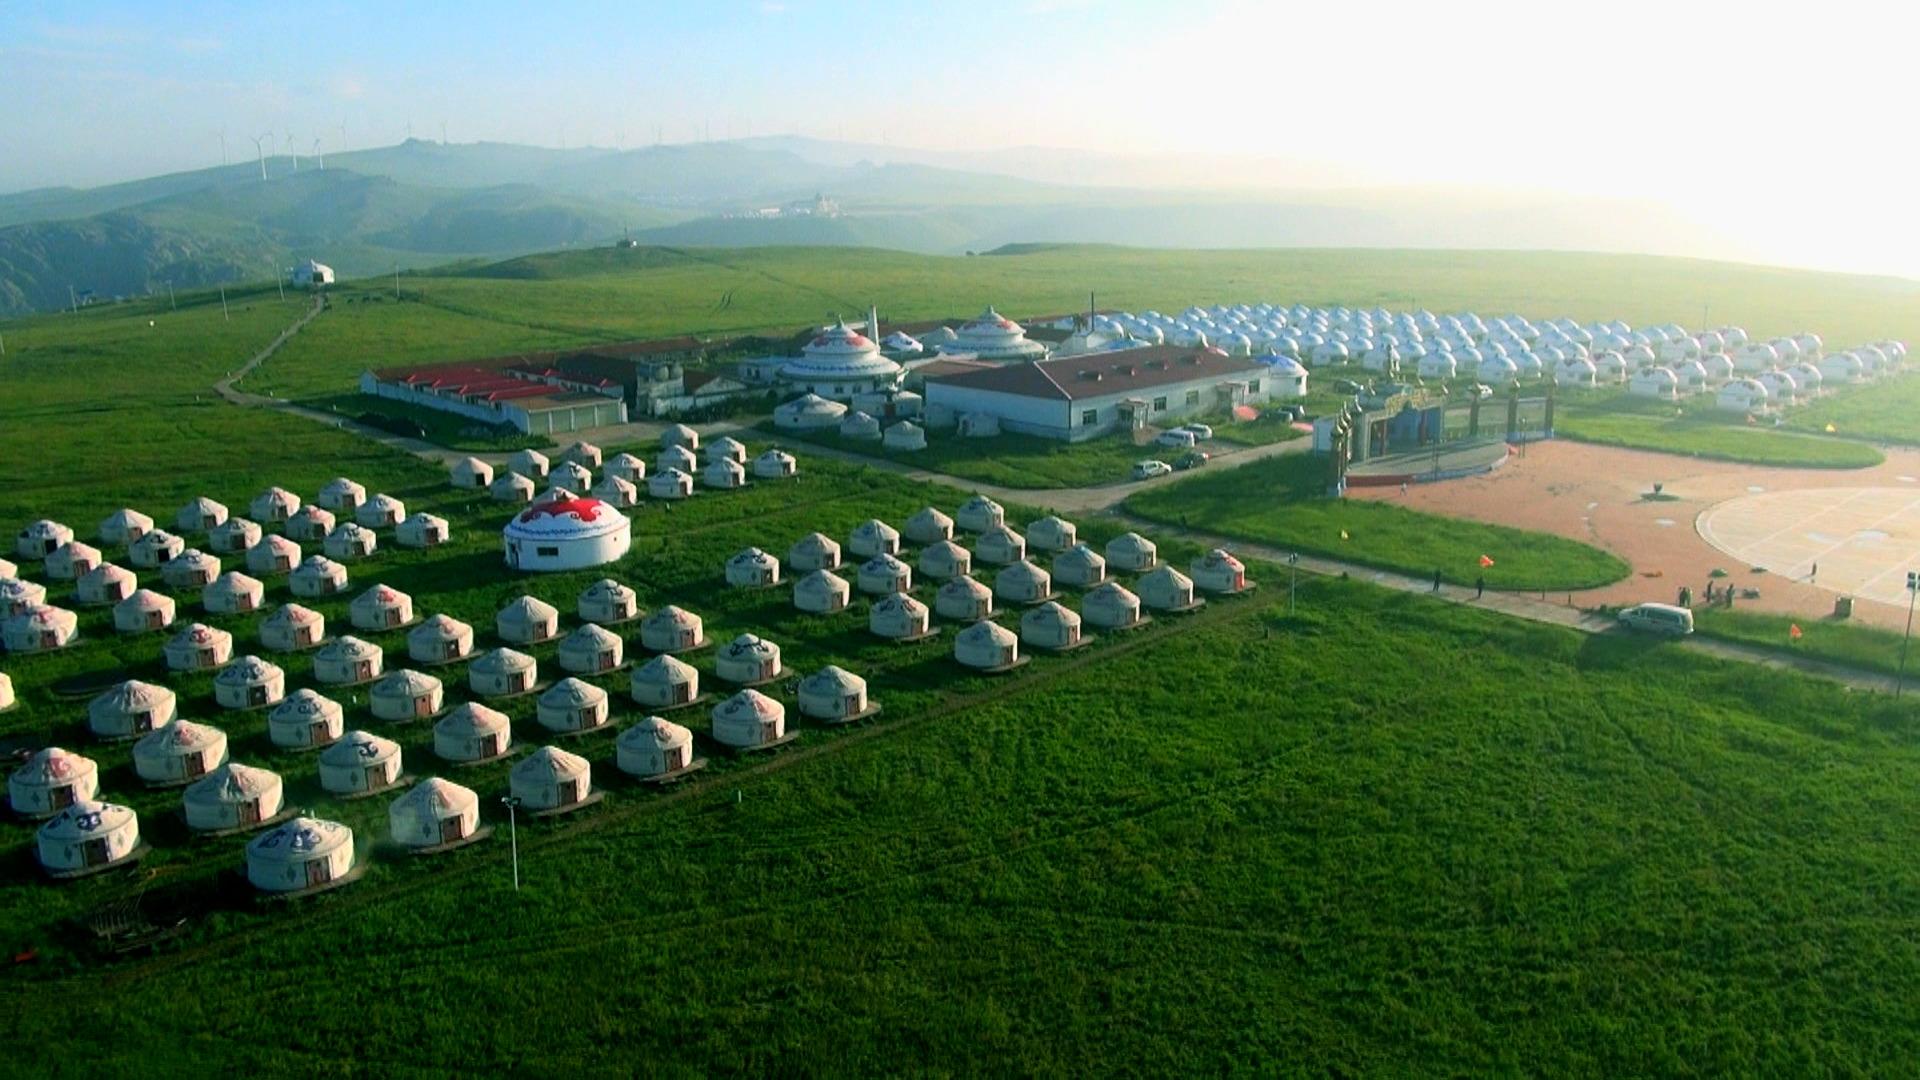 农业标准化助推农牧业科学发展农牧民收入显著提升